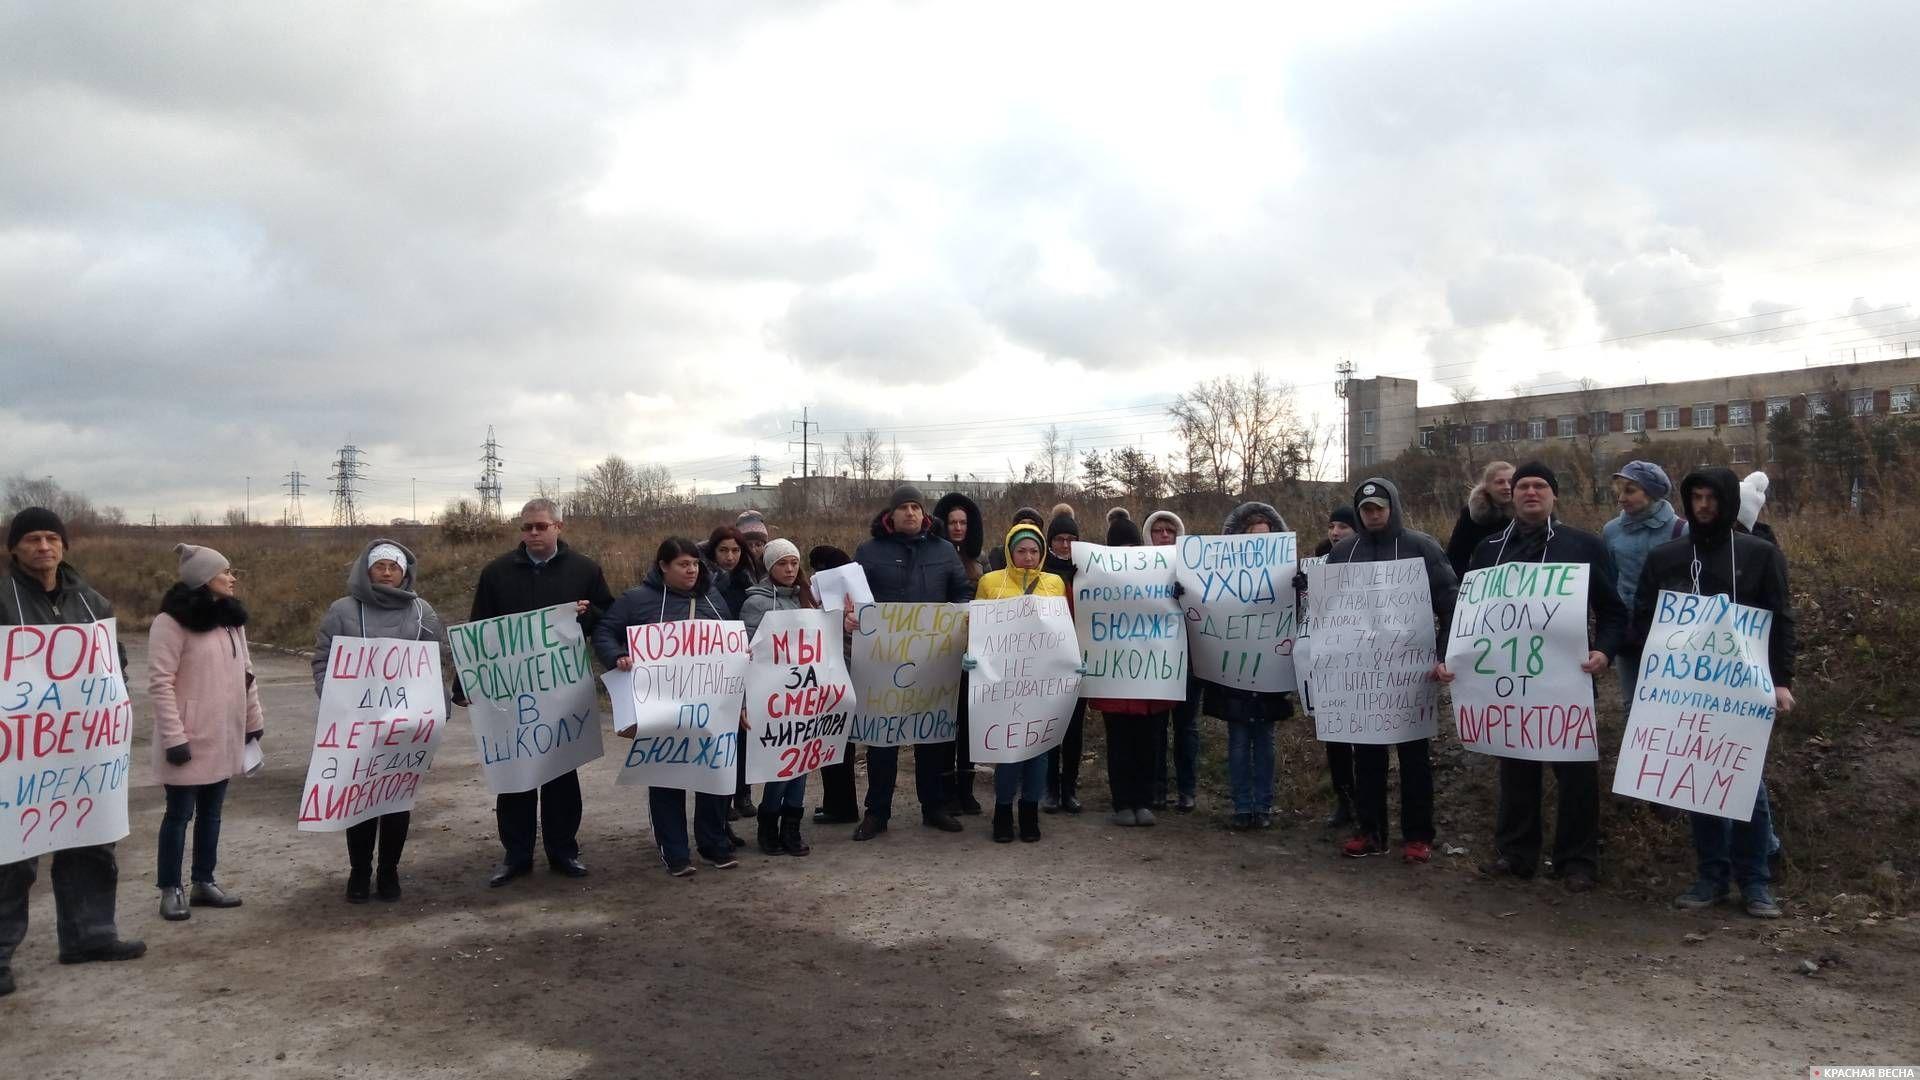 Моссовый пикет родительской общественности в защиту школы, напротив тюремной колонии и неподалеку от кладбища